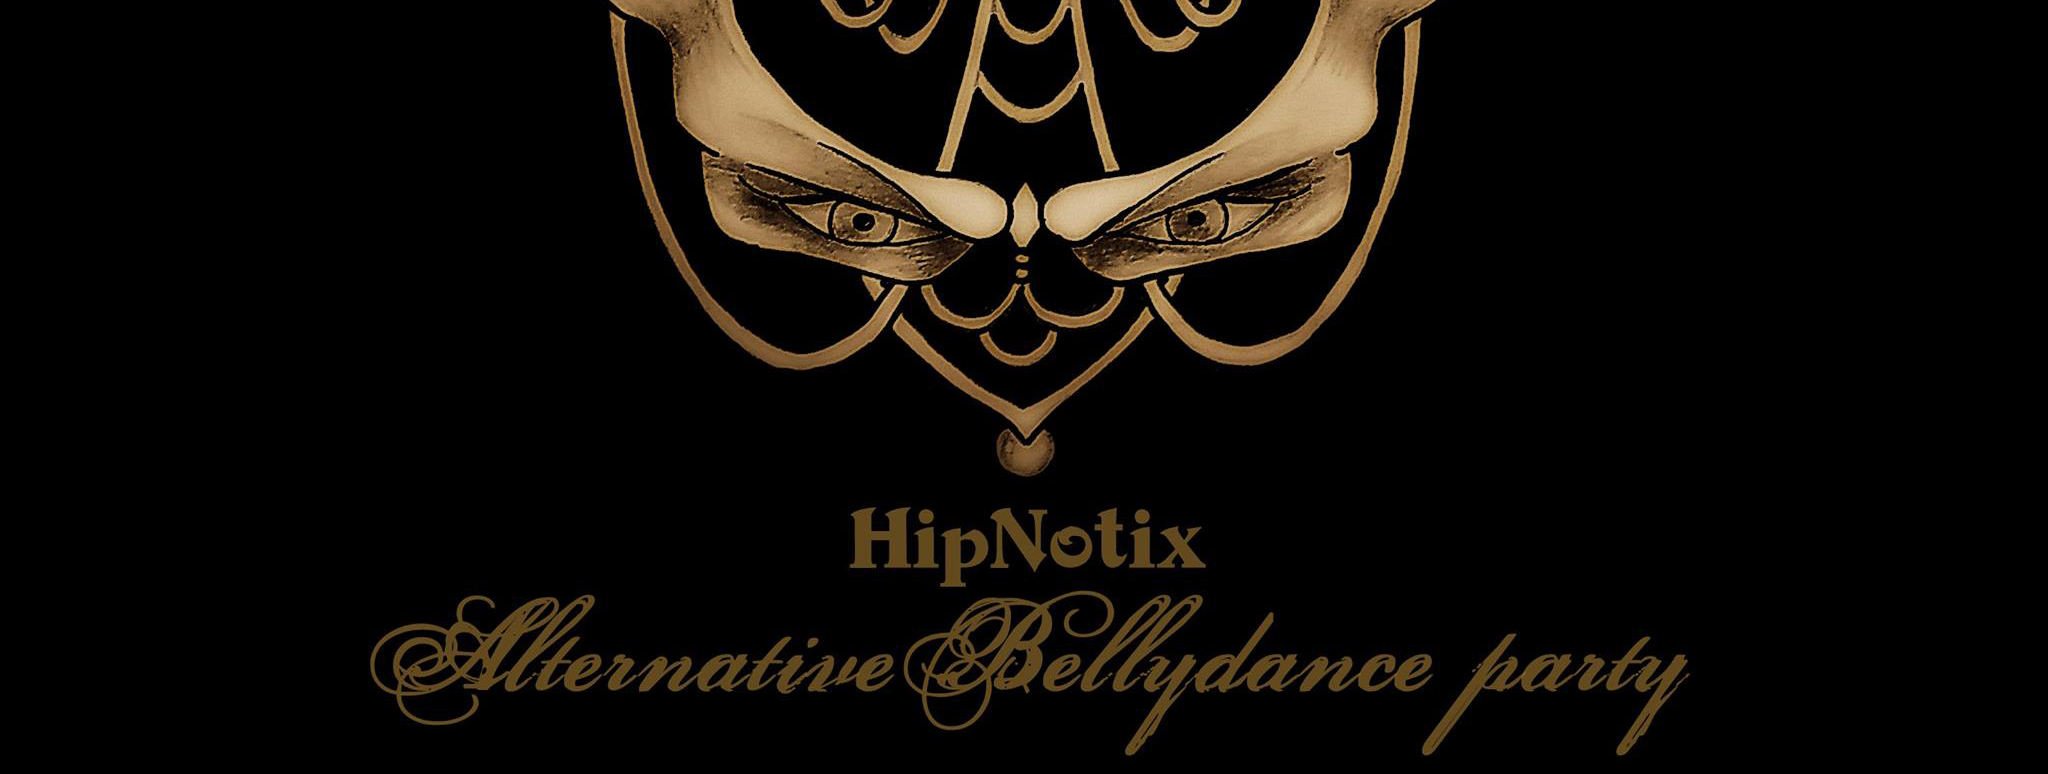 Hipnotix #2